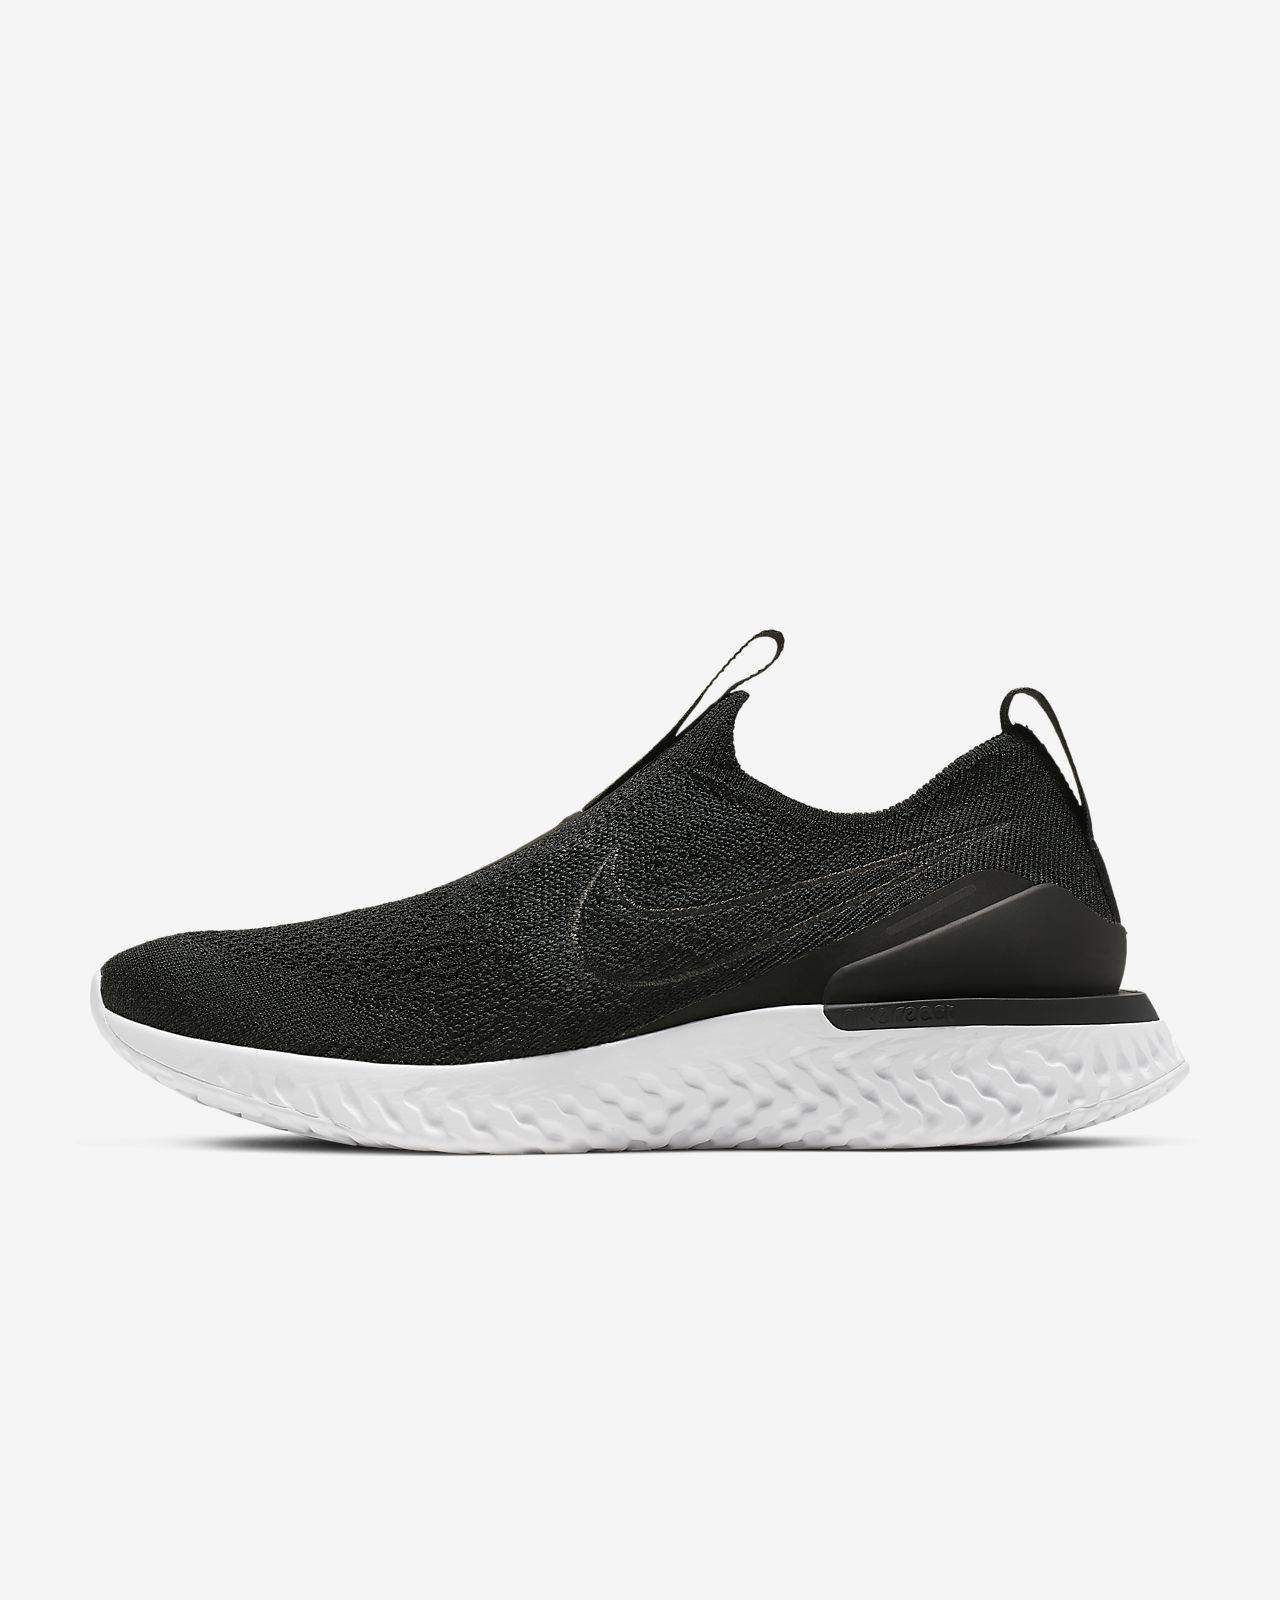 Chaussure de running Nike Epic Phantom React Flyknit pour Femme